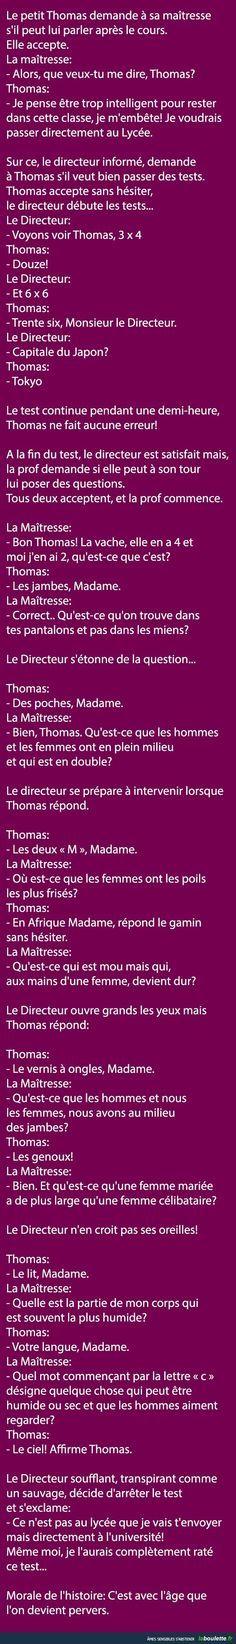 Le petit Thomas demande à sa maîtresse s'il peut lui parler après le cours...   LABOULETTE.fr - Les meilleures images du net!: